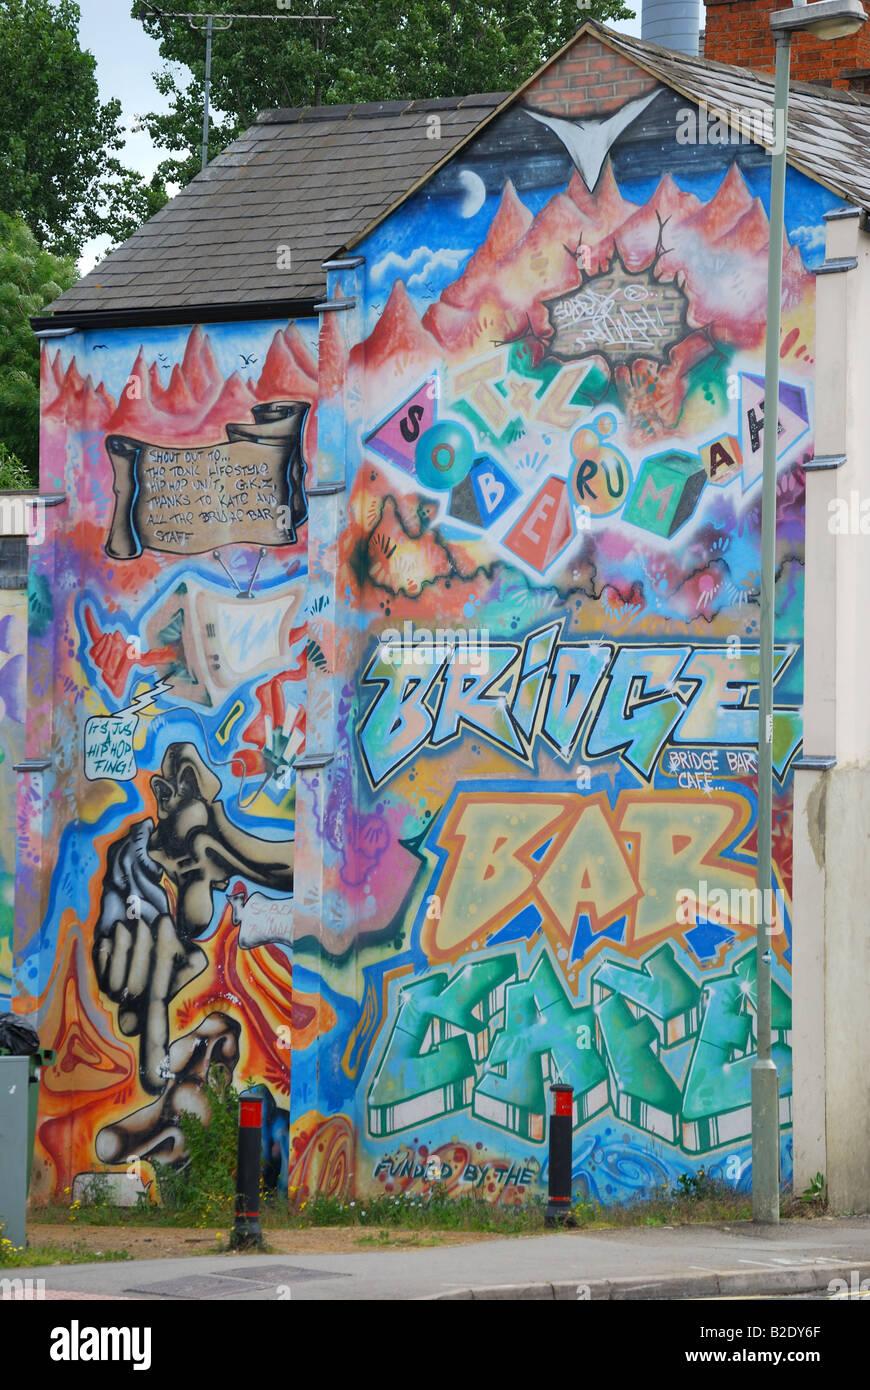 Graffitti on side of building, Banbury, Oxfordshire, England, United Kingdom - Stock Image